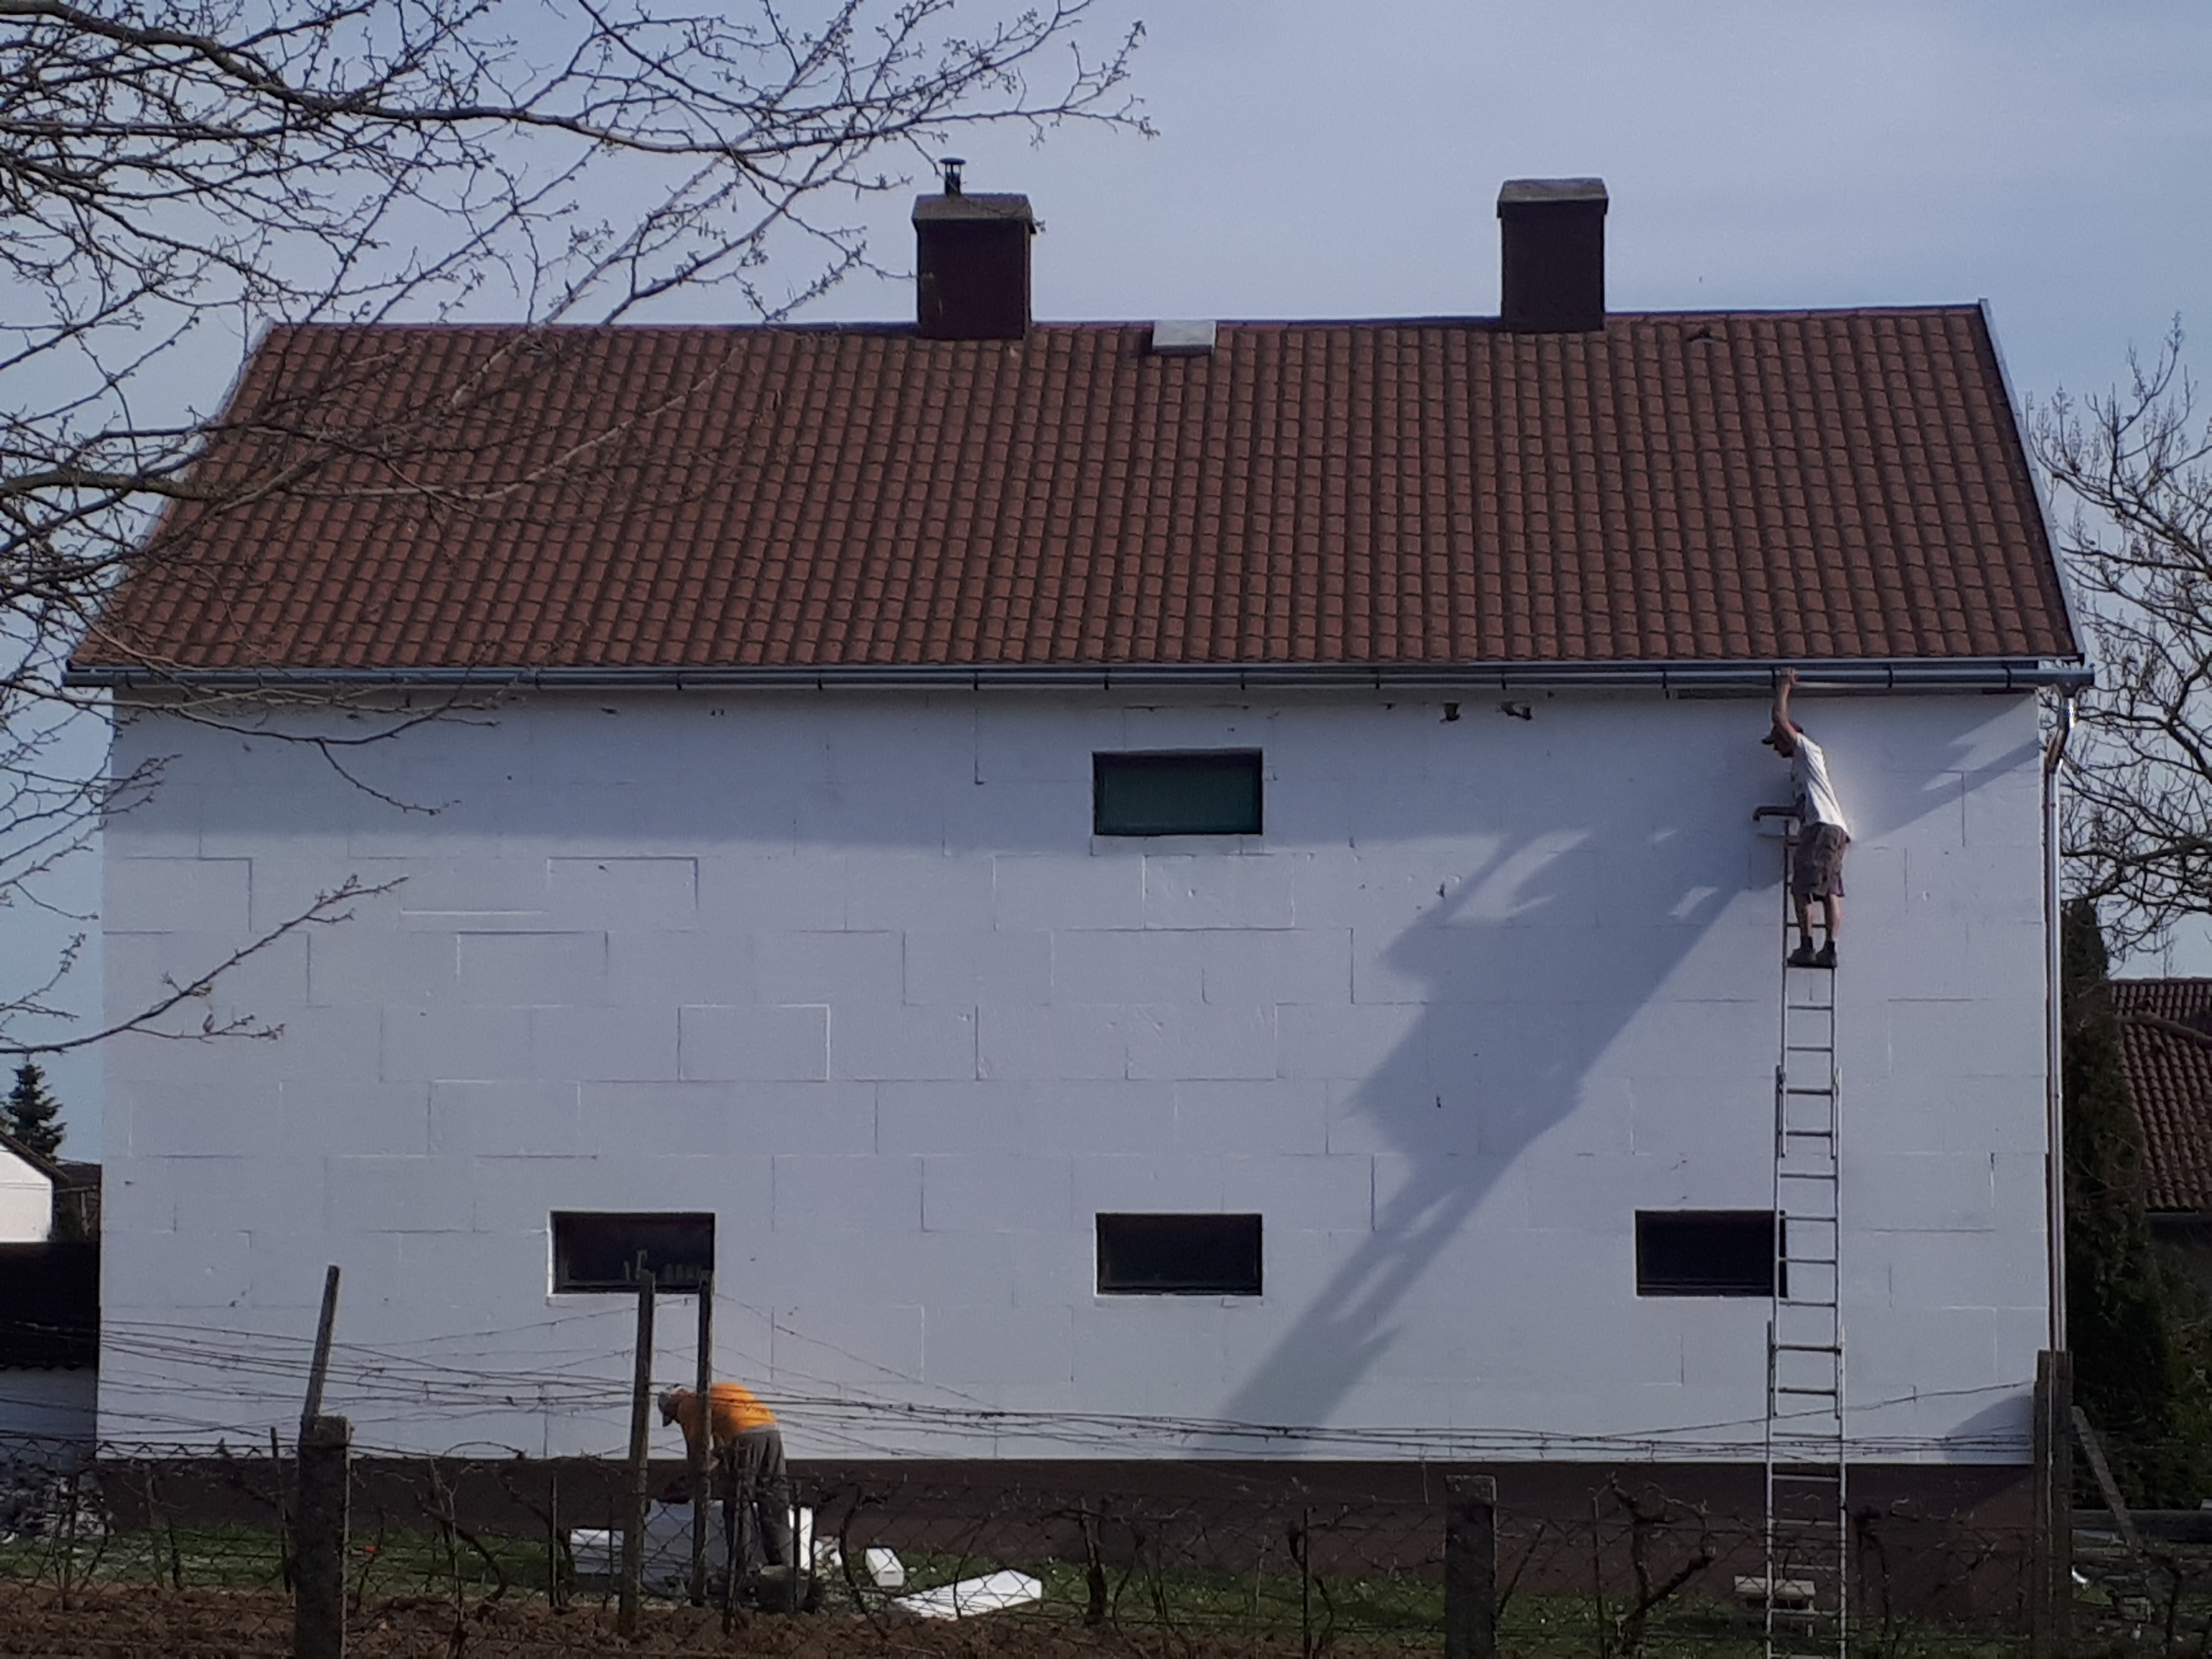 Palatető felújítás Csesznek, palatető szigetelés CsesznekCsaládi ház palatető felújítása